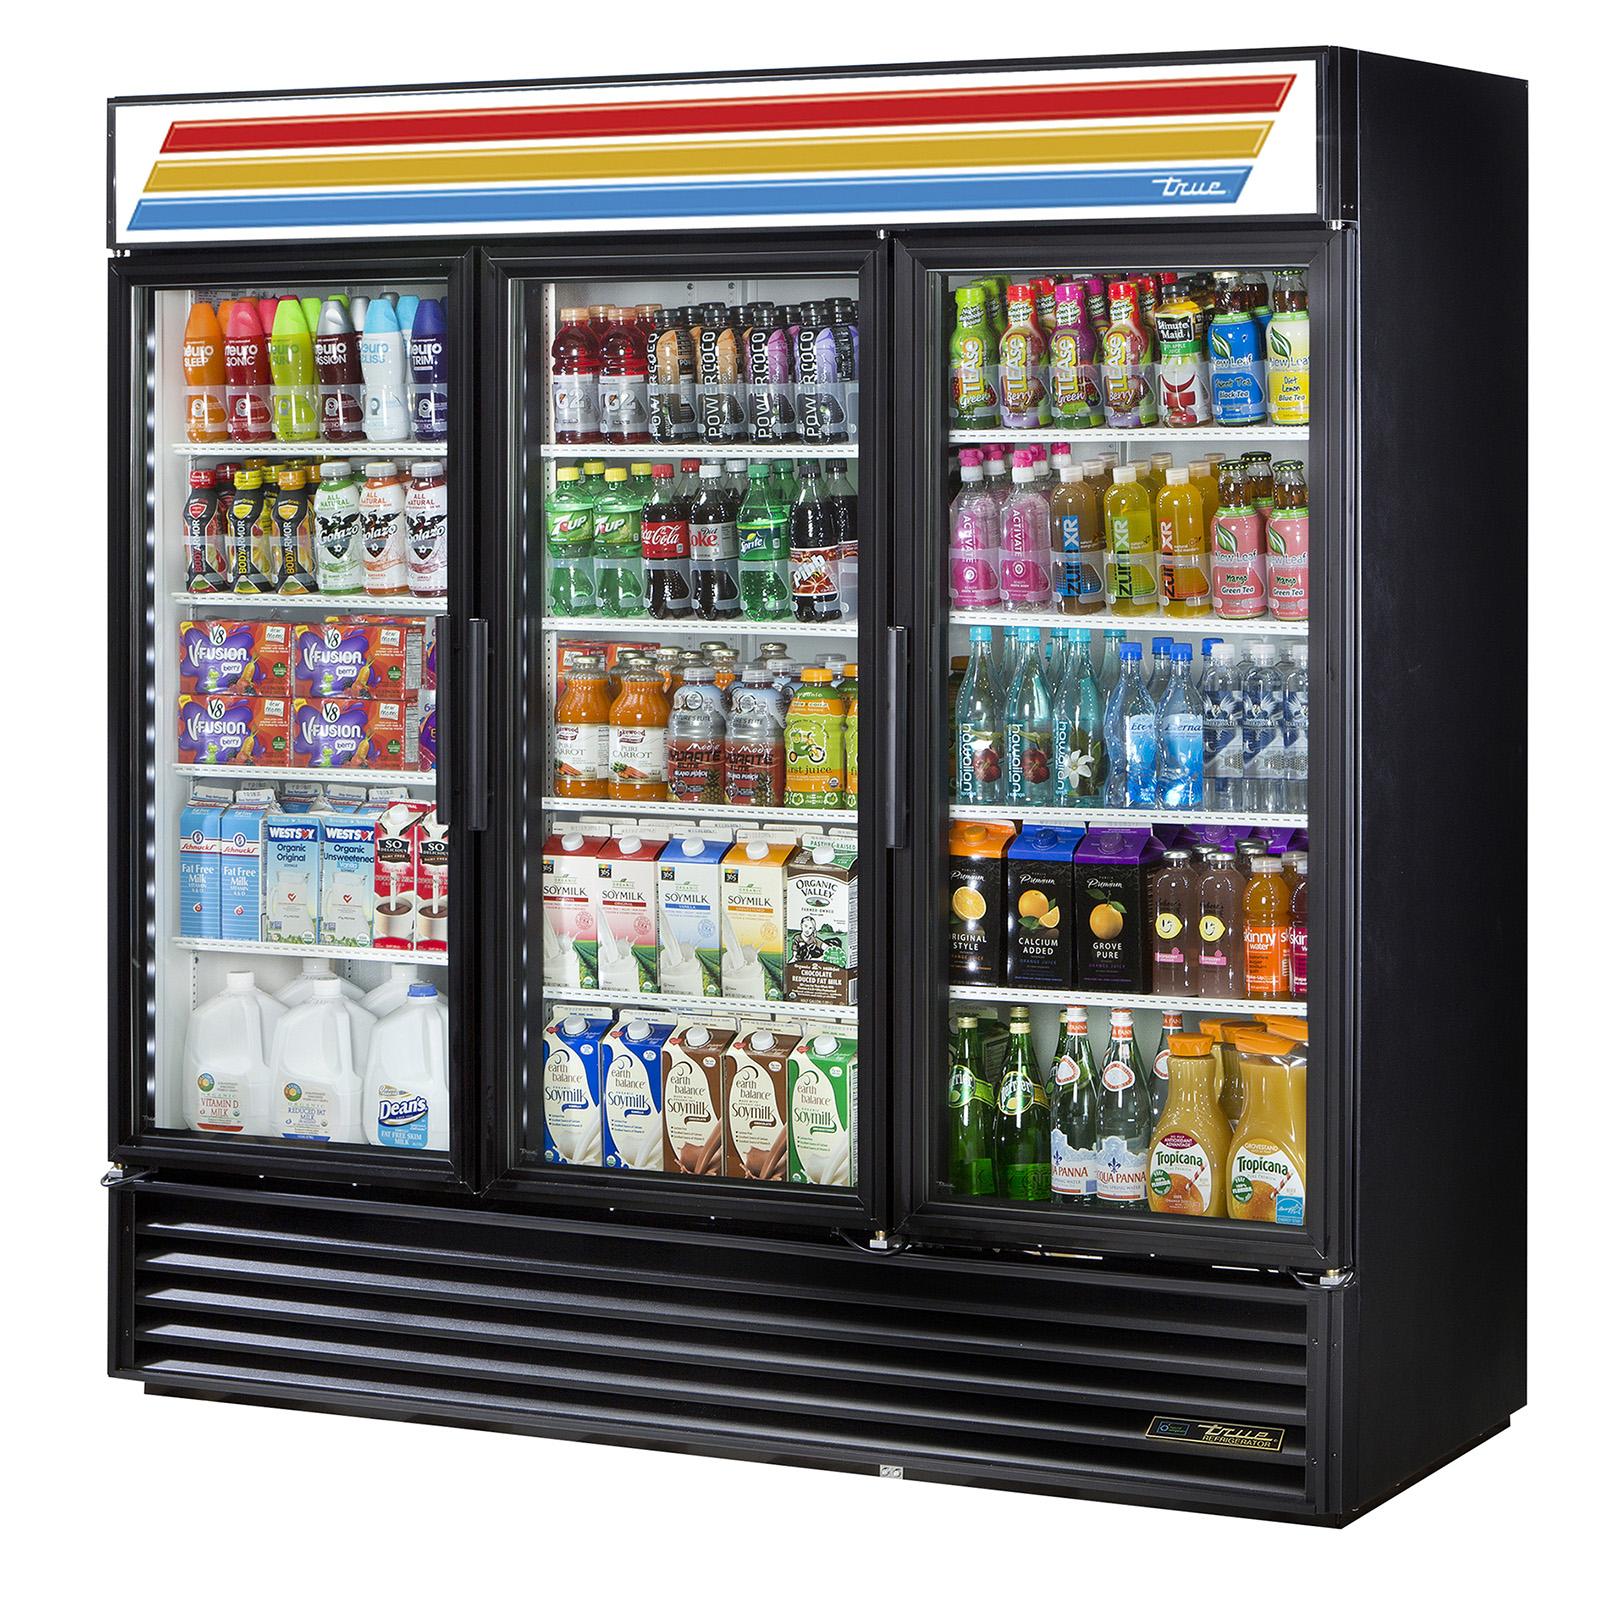 True Gdm 72 Hc Tsl01 Commercial Merchandiser Glass Door Cooler